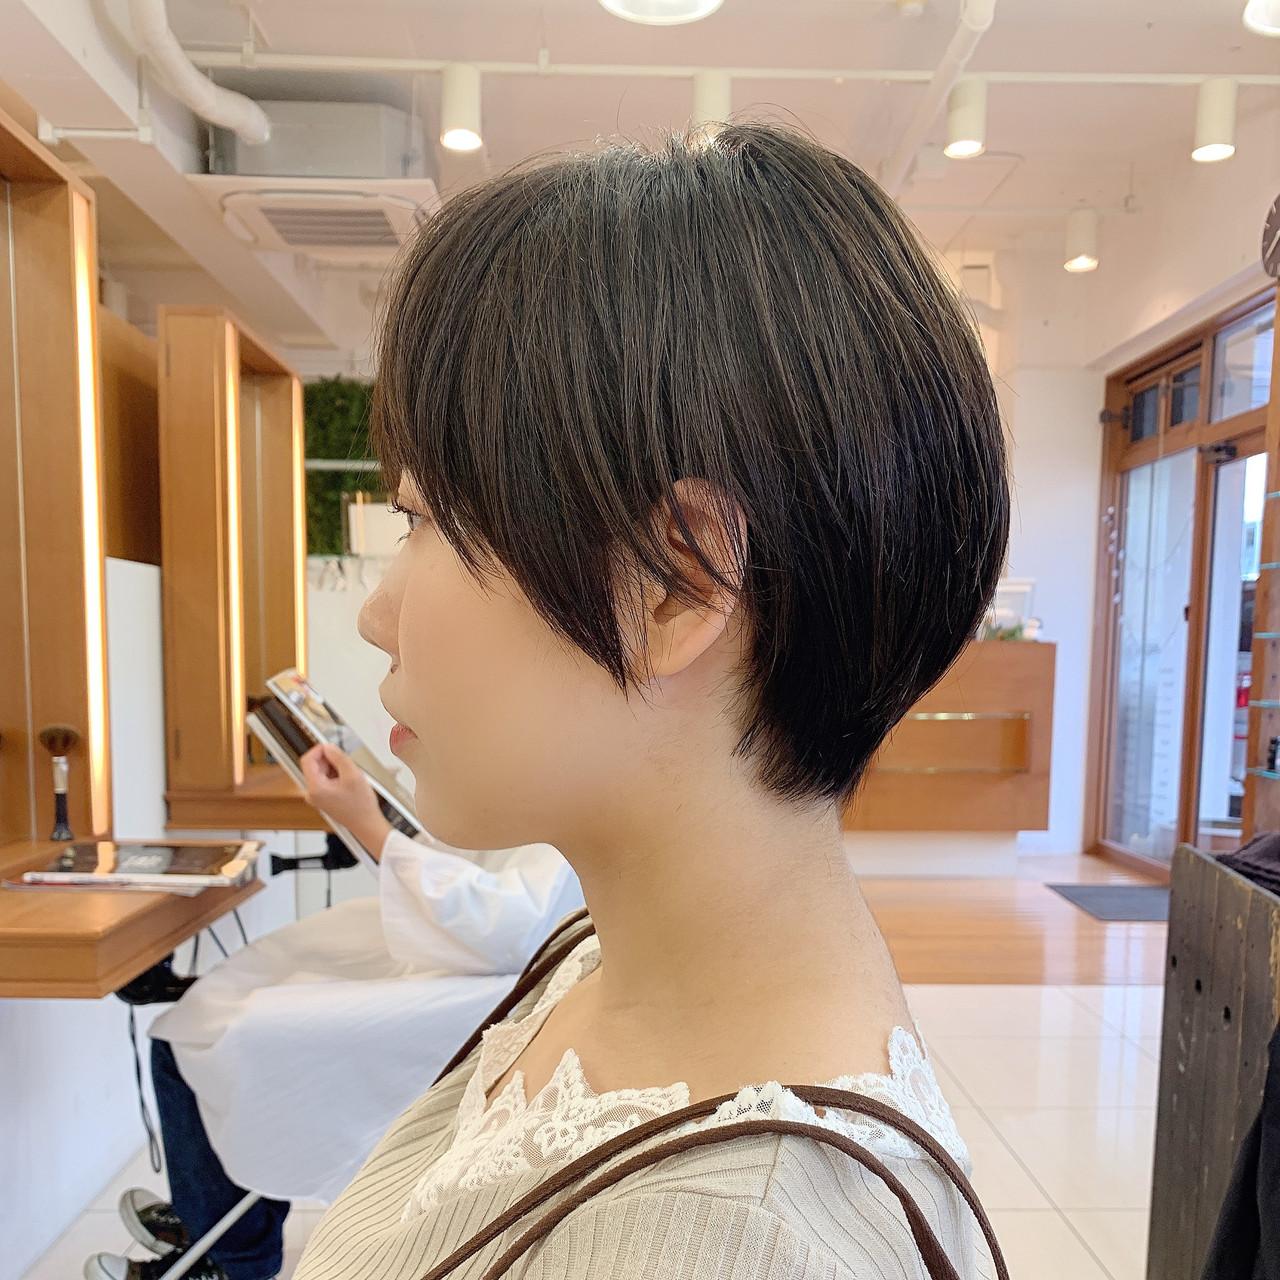 ナチュラル 可愛い 大人ショート ショートヘア ヘアスタイルや髪型の写真・画像 | 【つくば美容師】ショートヘア愛好家/矢崎 翔太 / ジールサロン